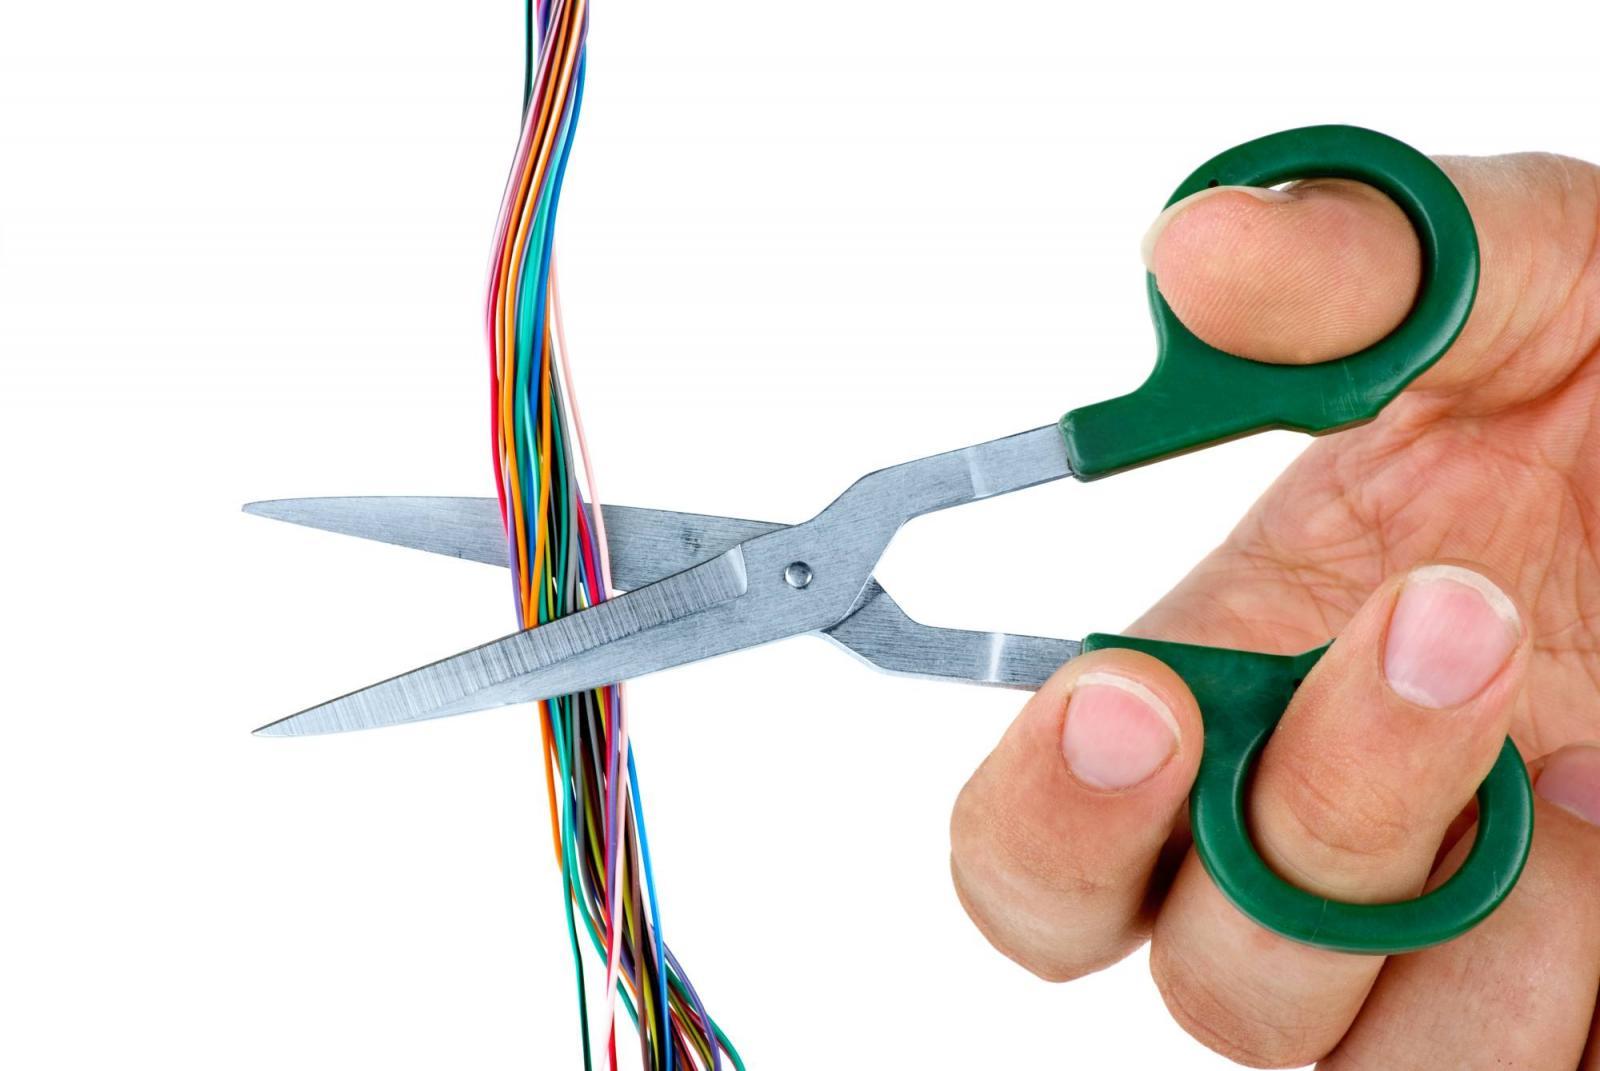 Провода и ножницы